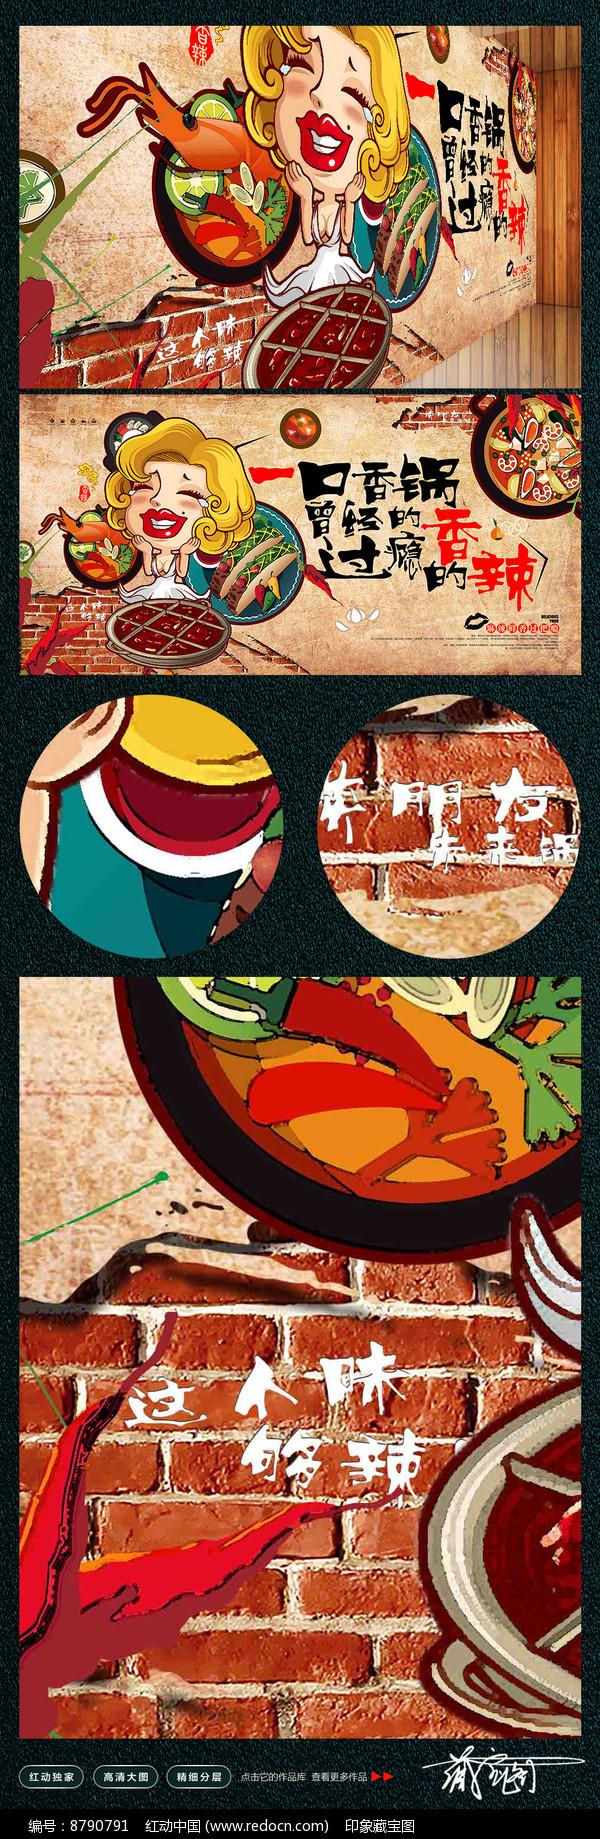 创意餐饮火锅壁画背景墙图片